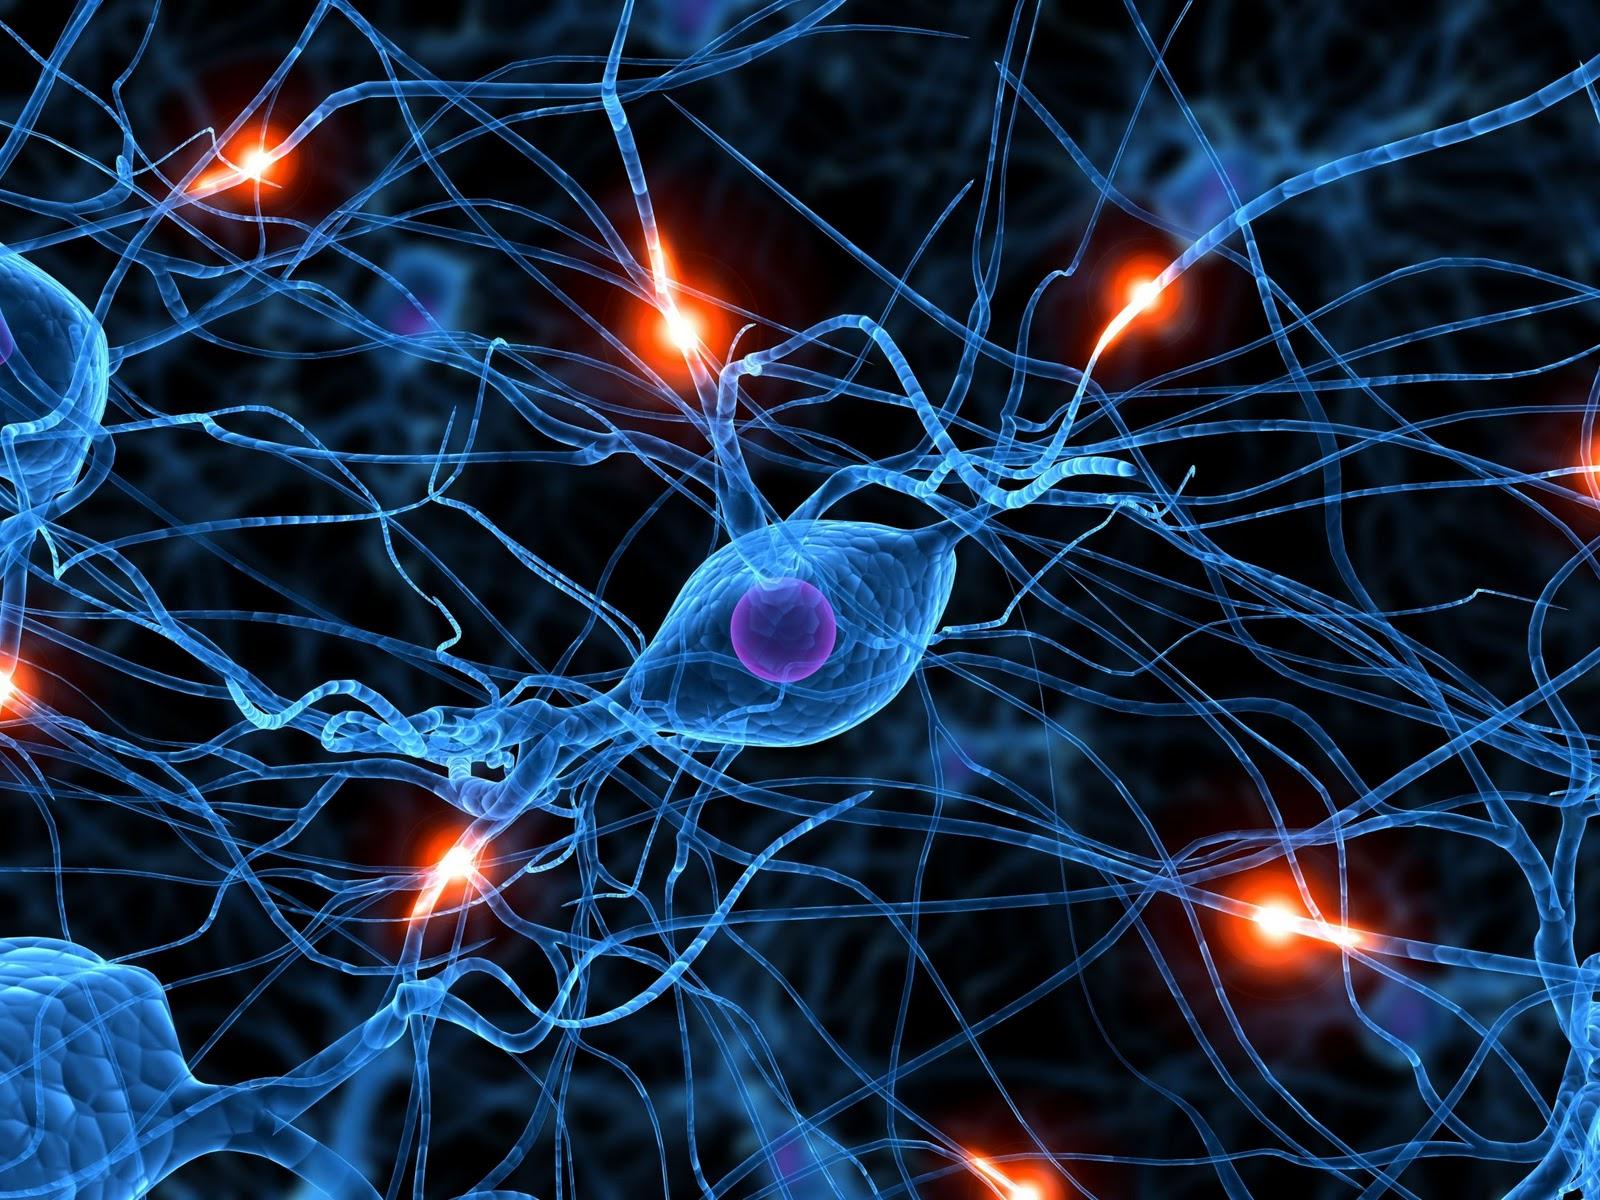 Aplicar el Neuromarketing en las ventas, el cerebro reptil, secretos, trucos, consejos prácticos